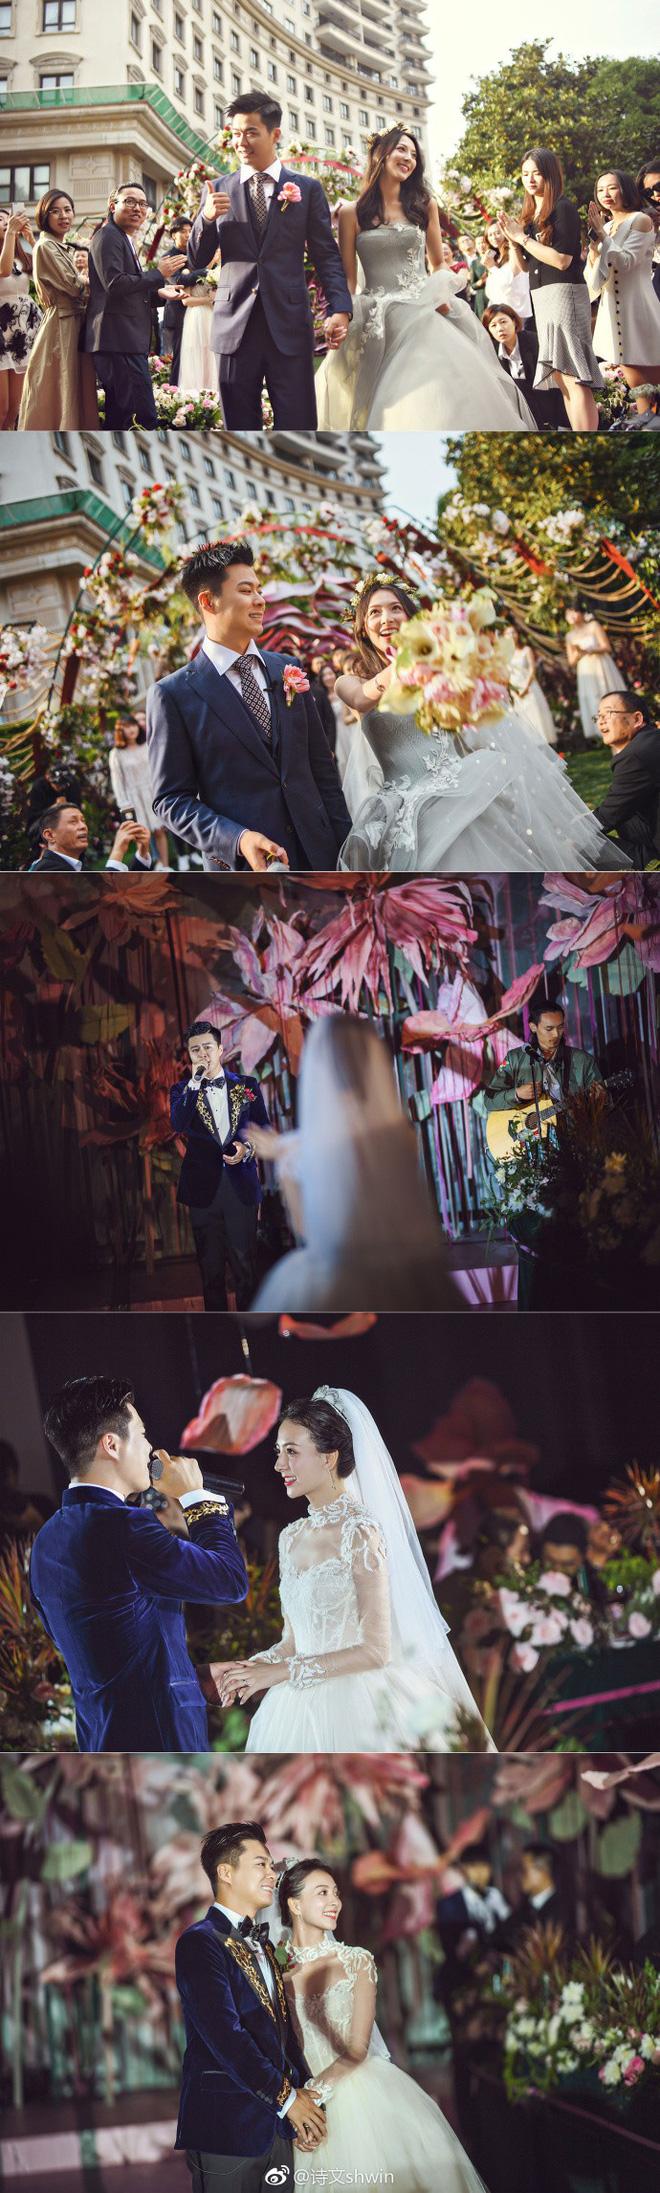 Hạ Thi Văn được 'réo tên' là cô gái may mắn nhất bởi mối tình đậm chất ngôn tình và đám cưới đẹp như truyện cổ tích.